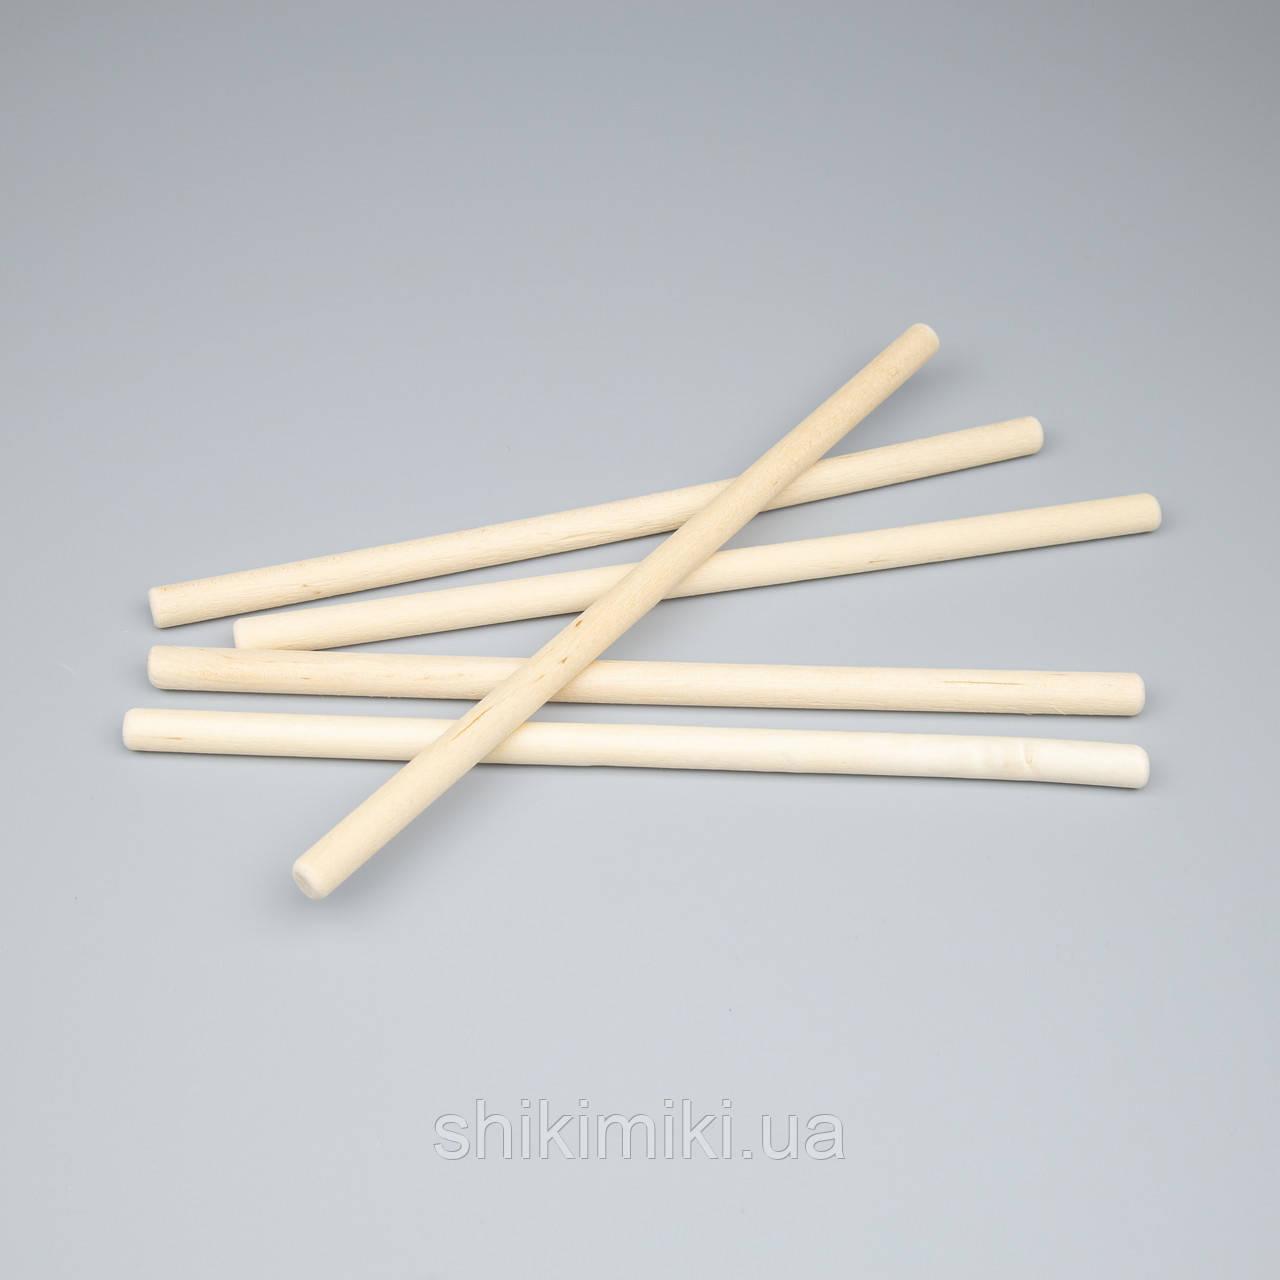 Палочки деревянные для макраме,250*10 мм